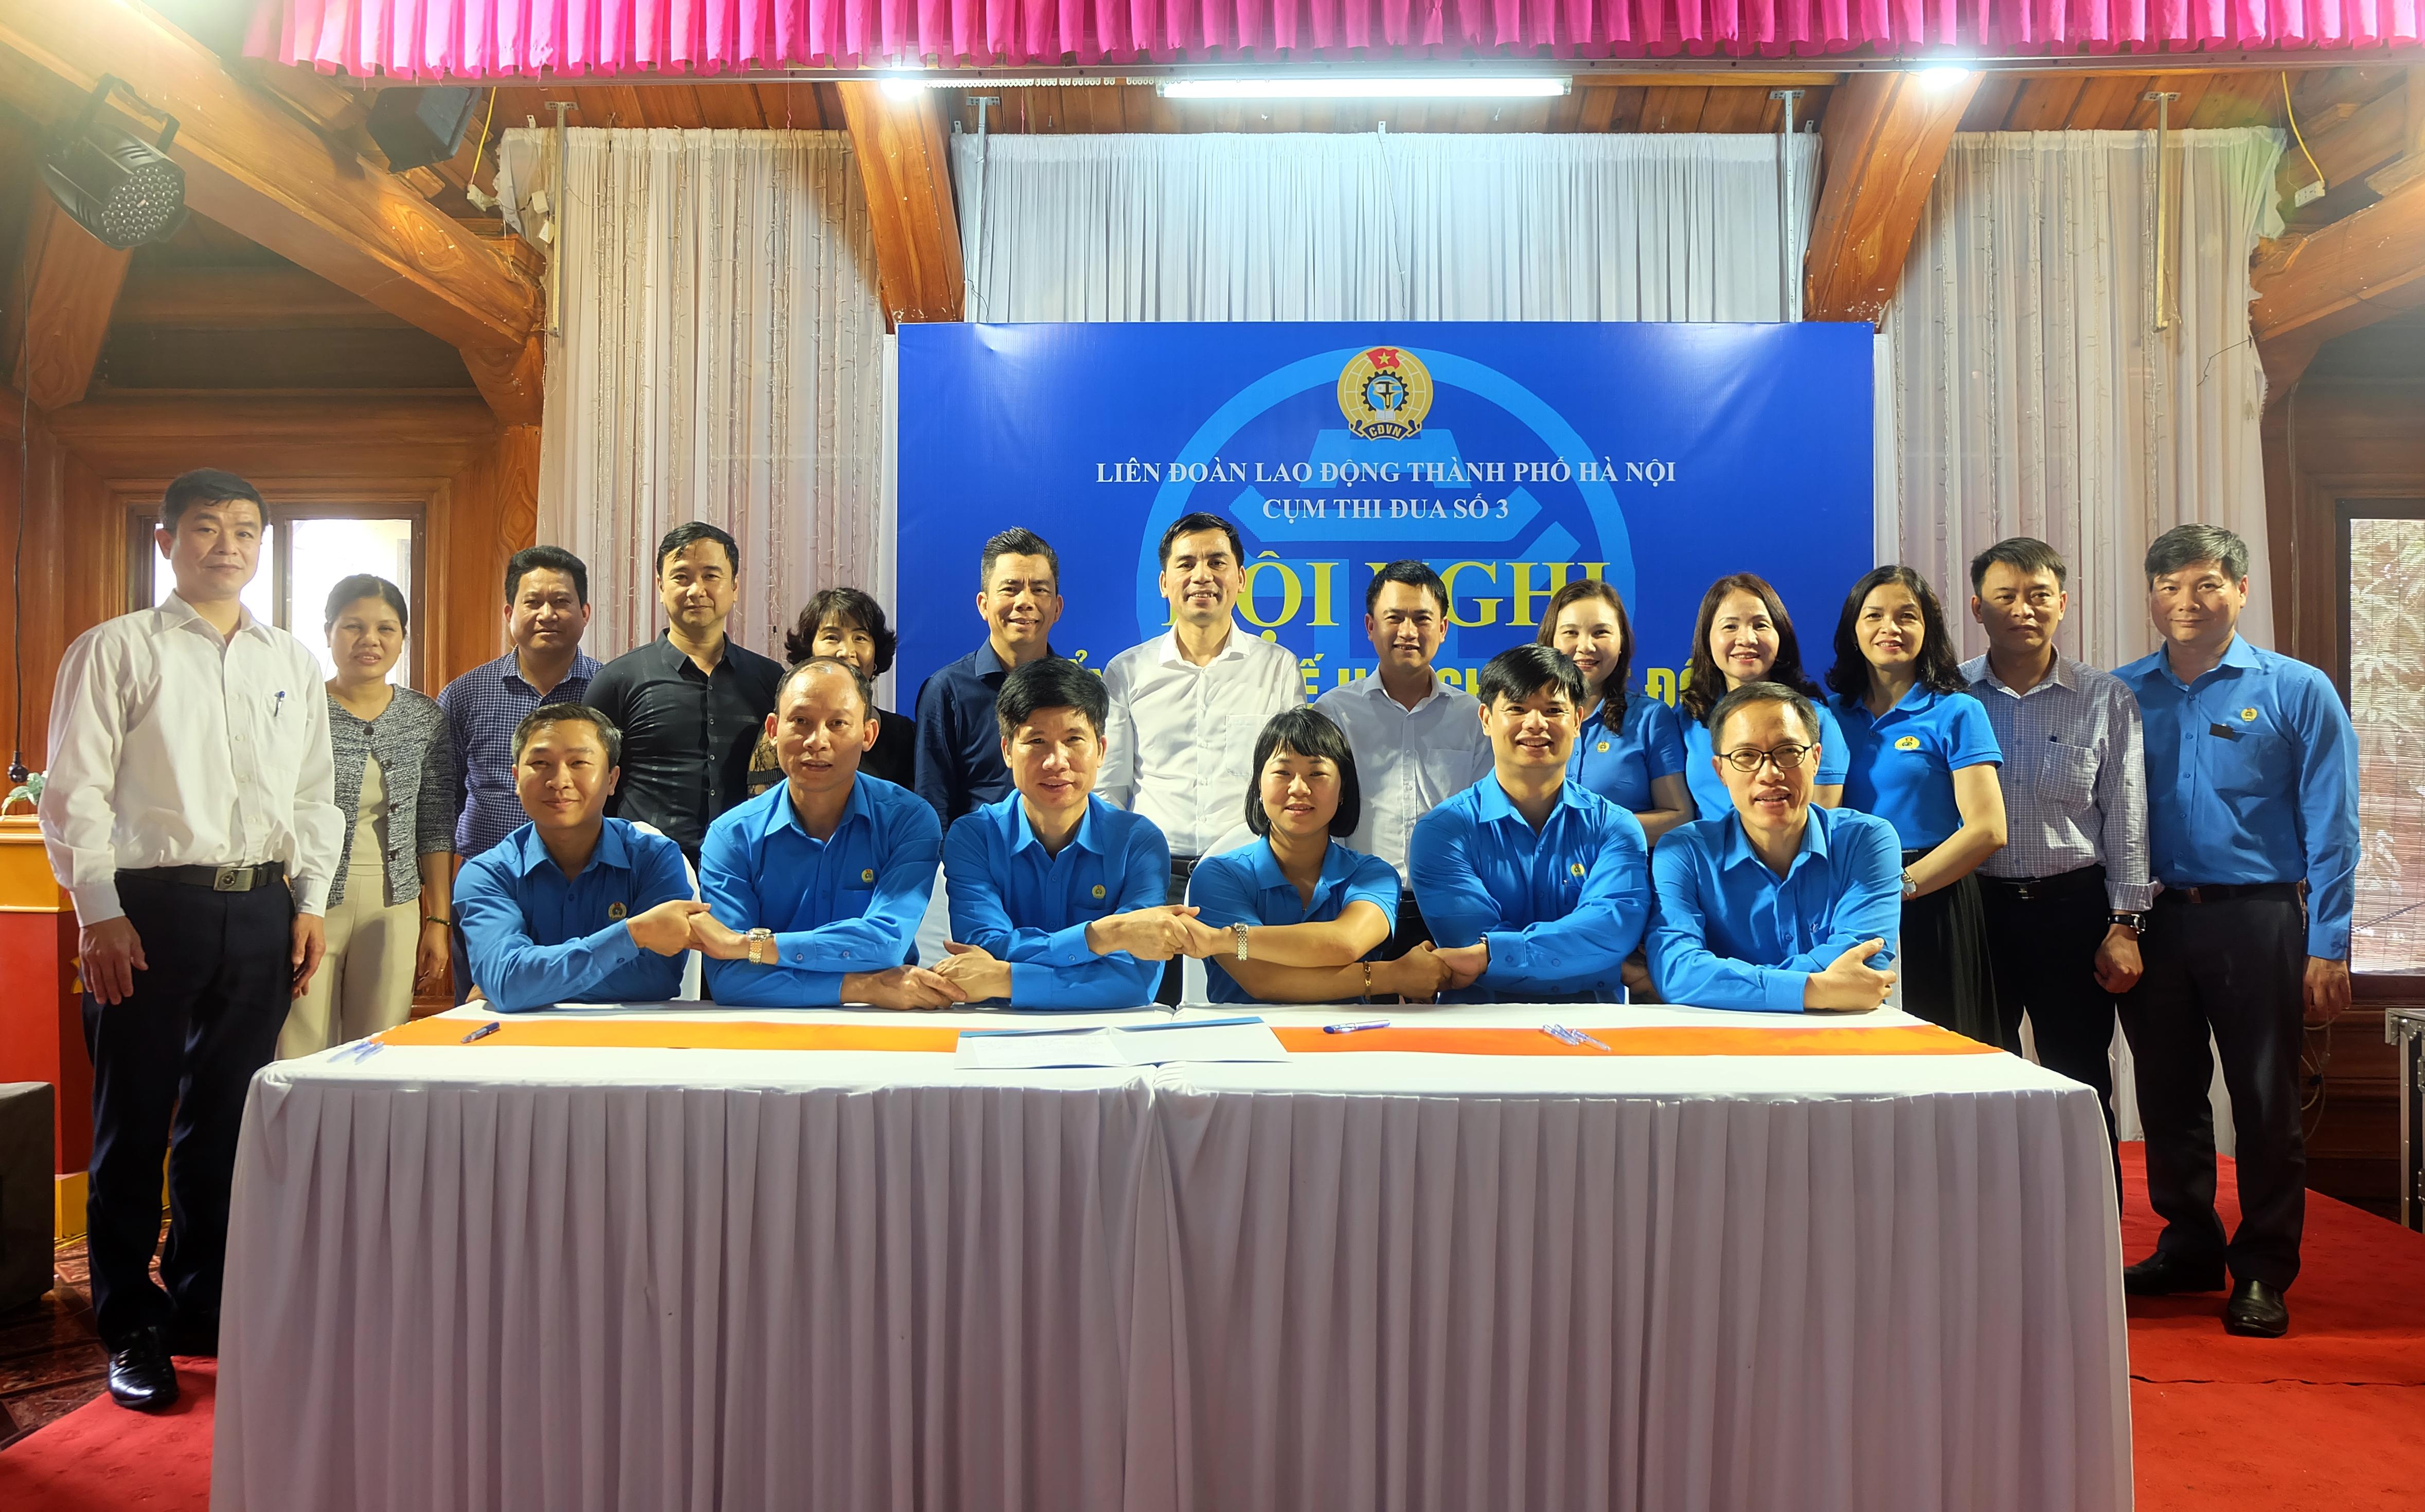 Cụm thi đua số 3 Liên đoàn Lao động Thành phố ký giao ước thi đua năm 2021